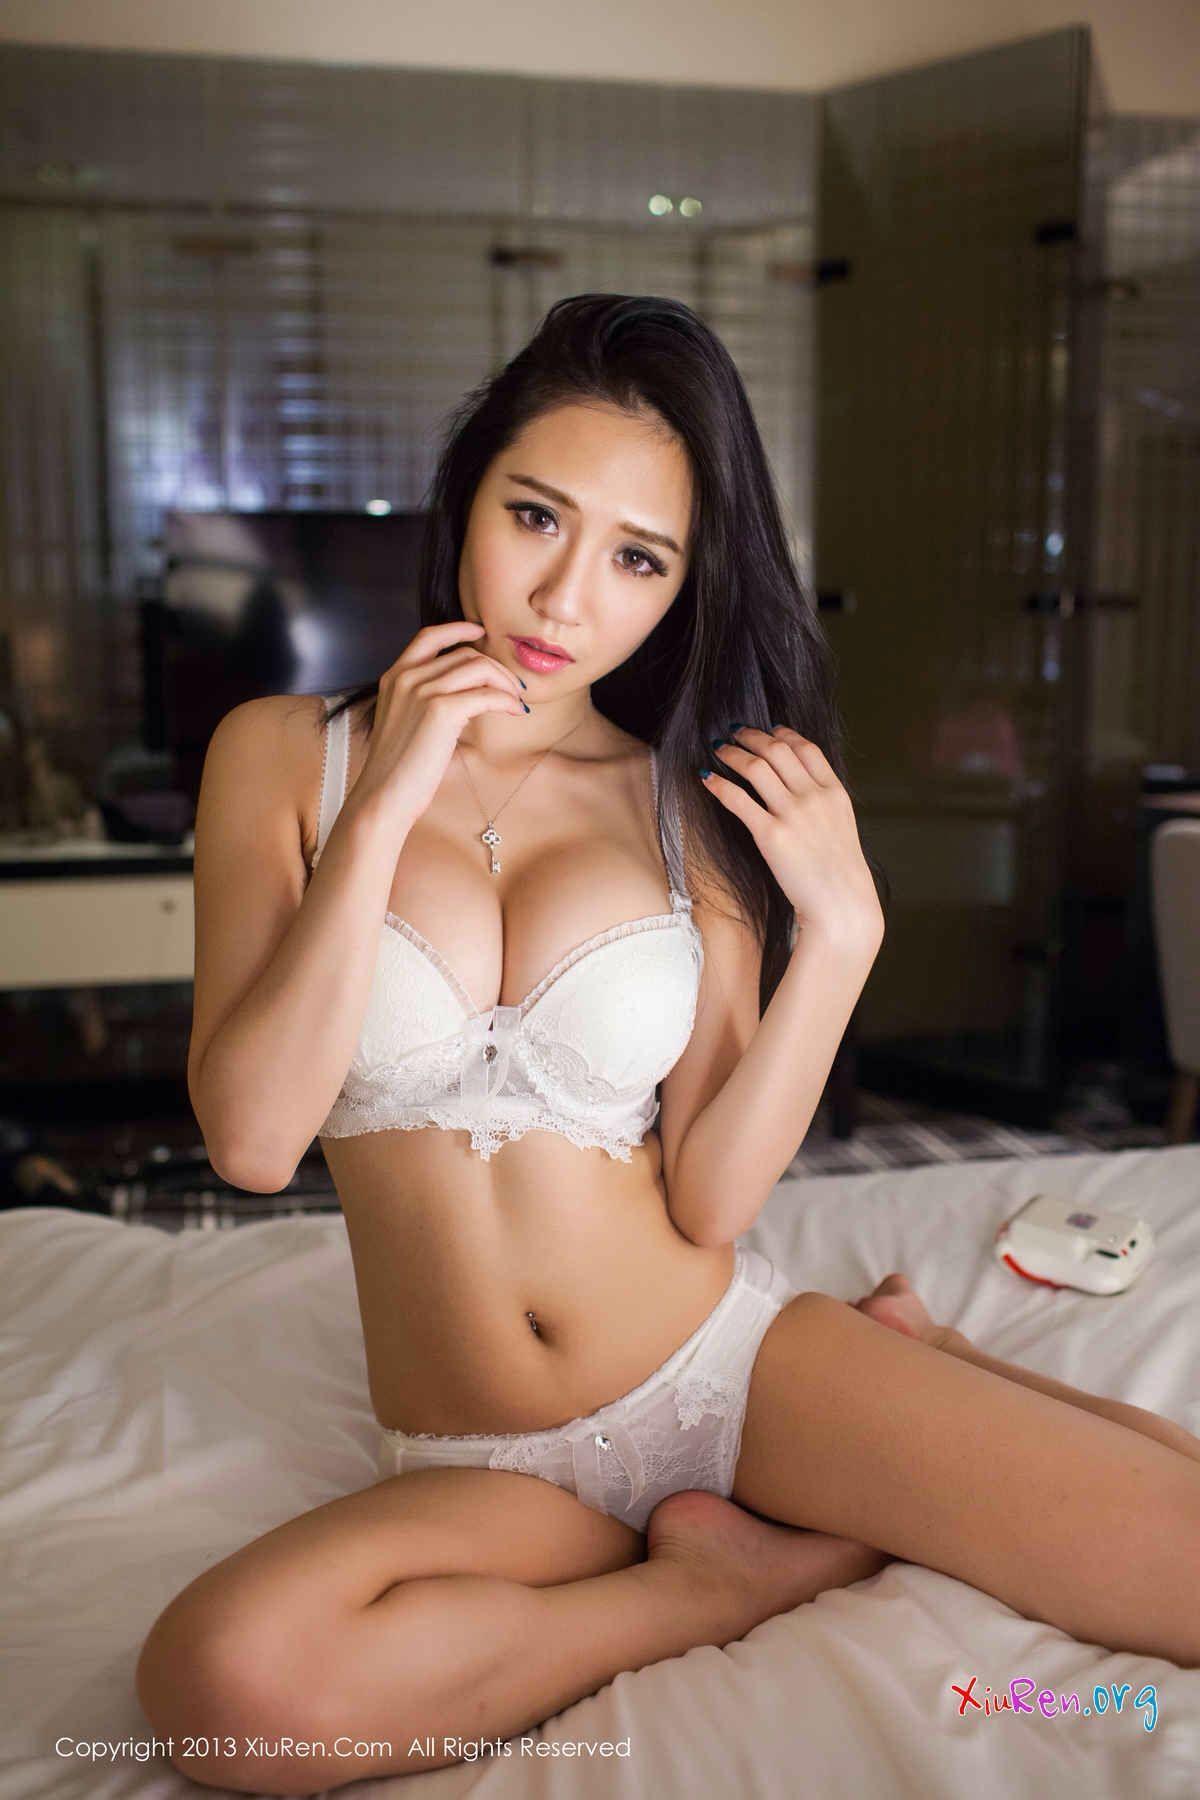 Yu Da Xiao Jie asiangirls booty hotasiangirls sideboobs